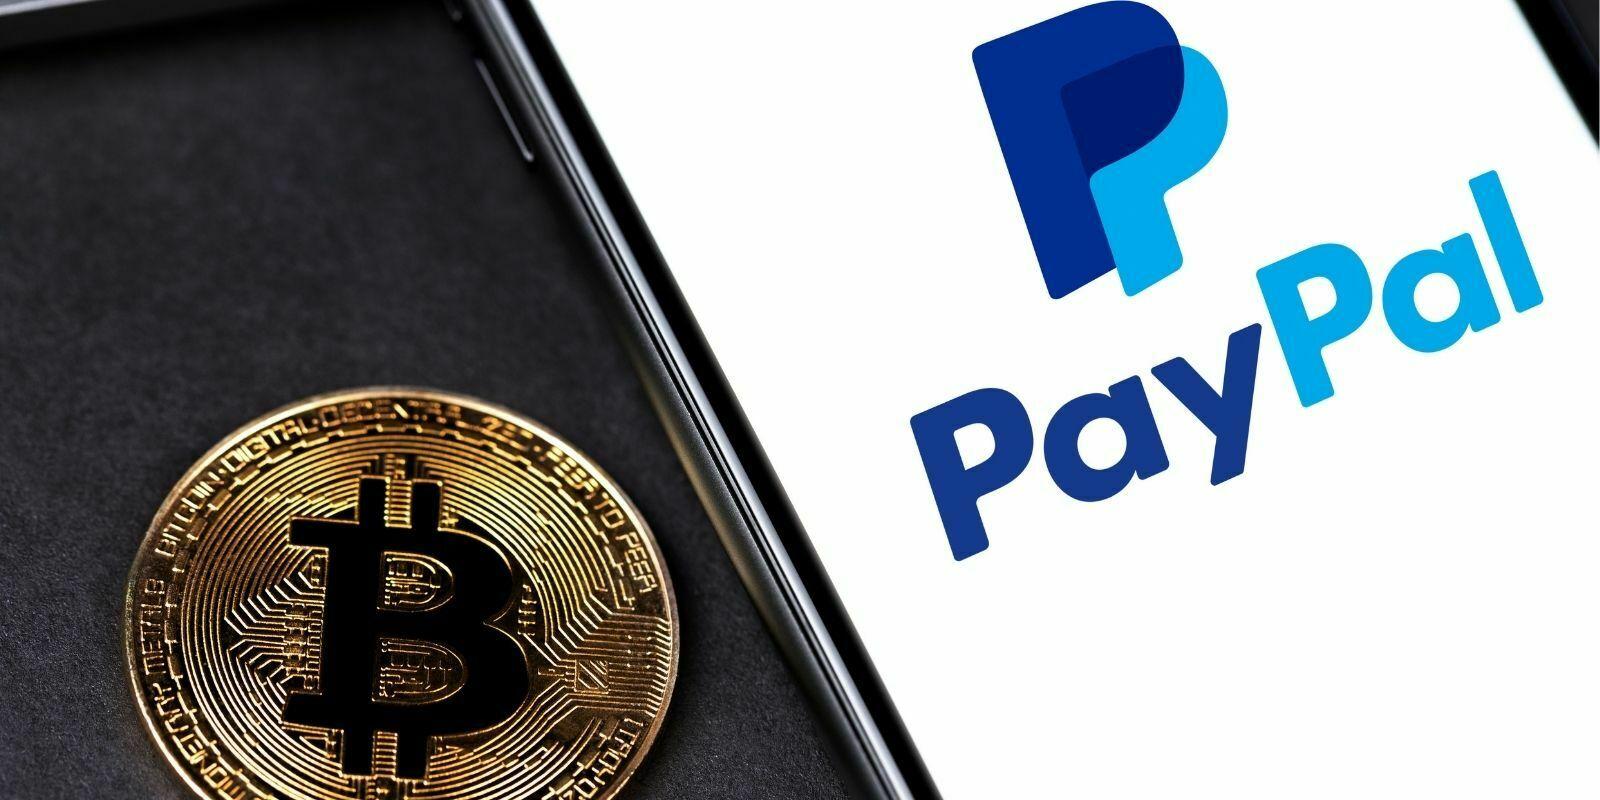 PayPal enregistre un volume d'échange de cryptomonnaies de 242M$ en 24 heures